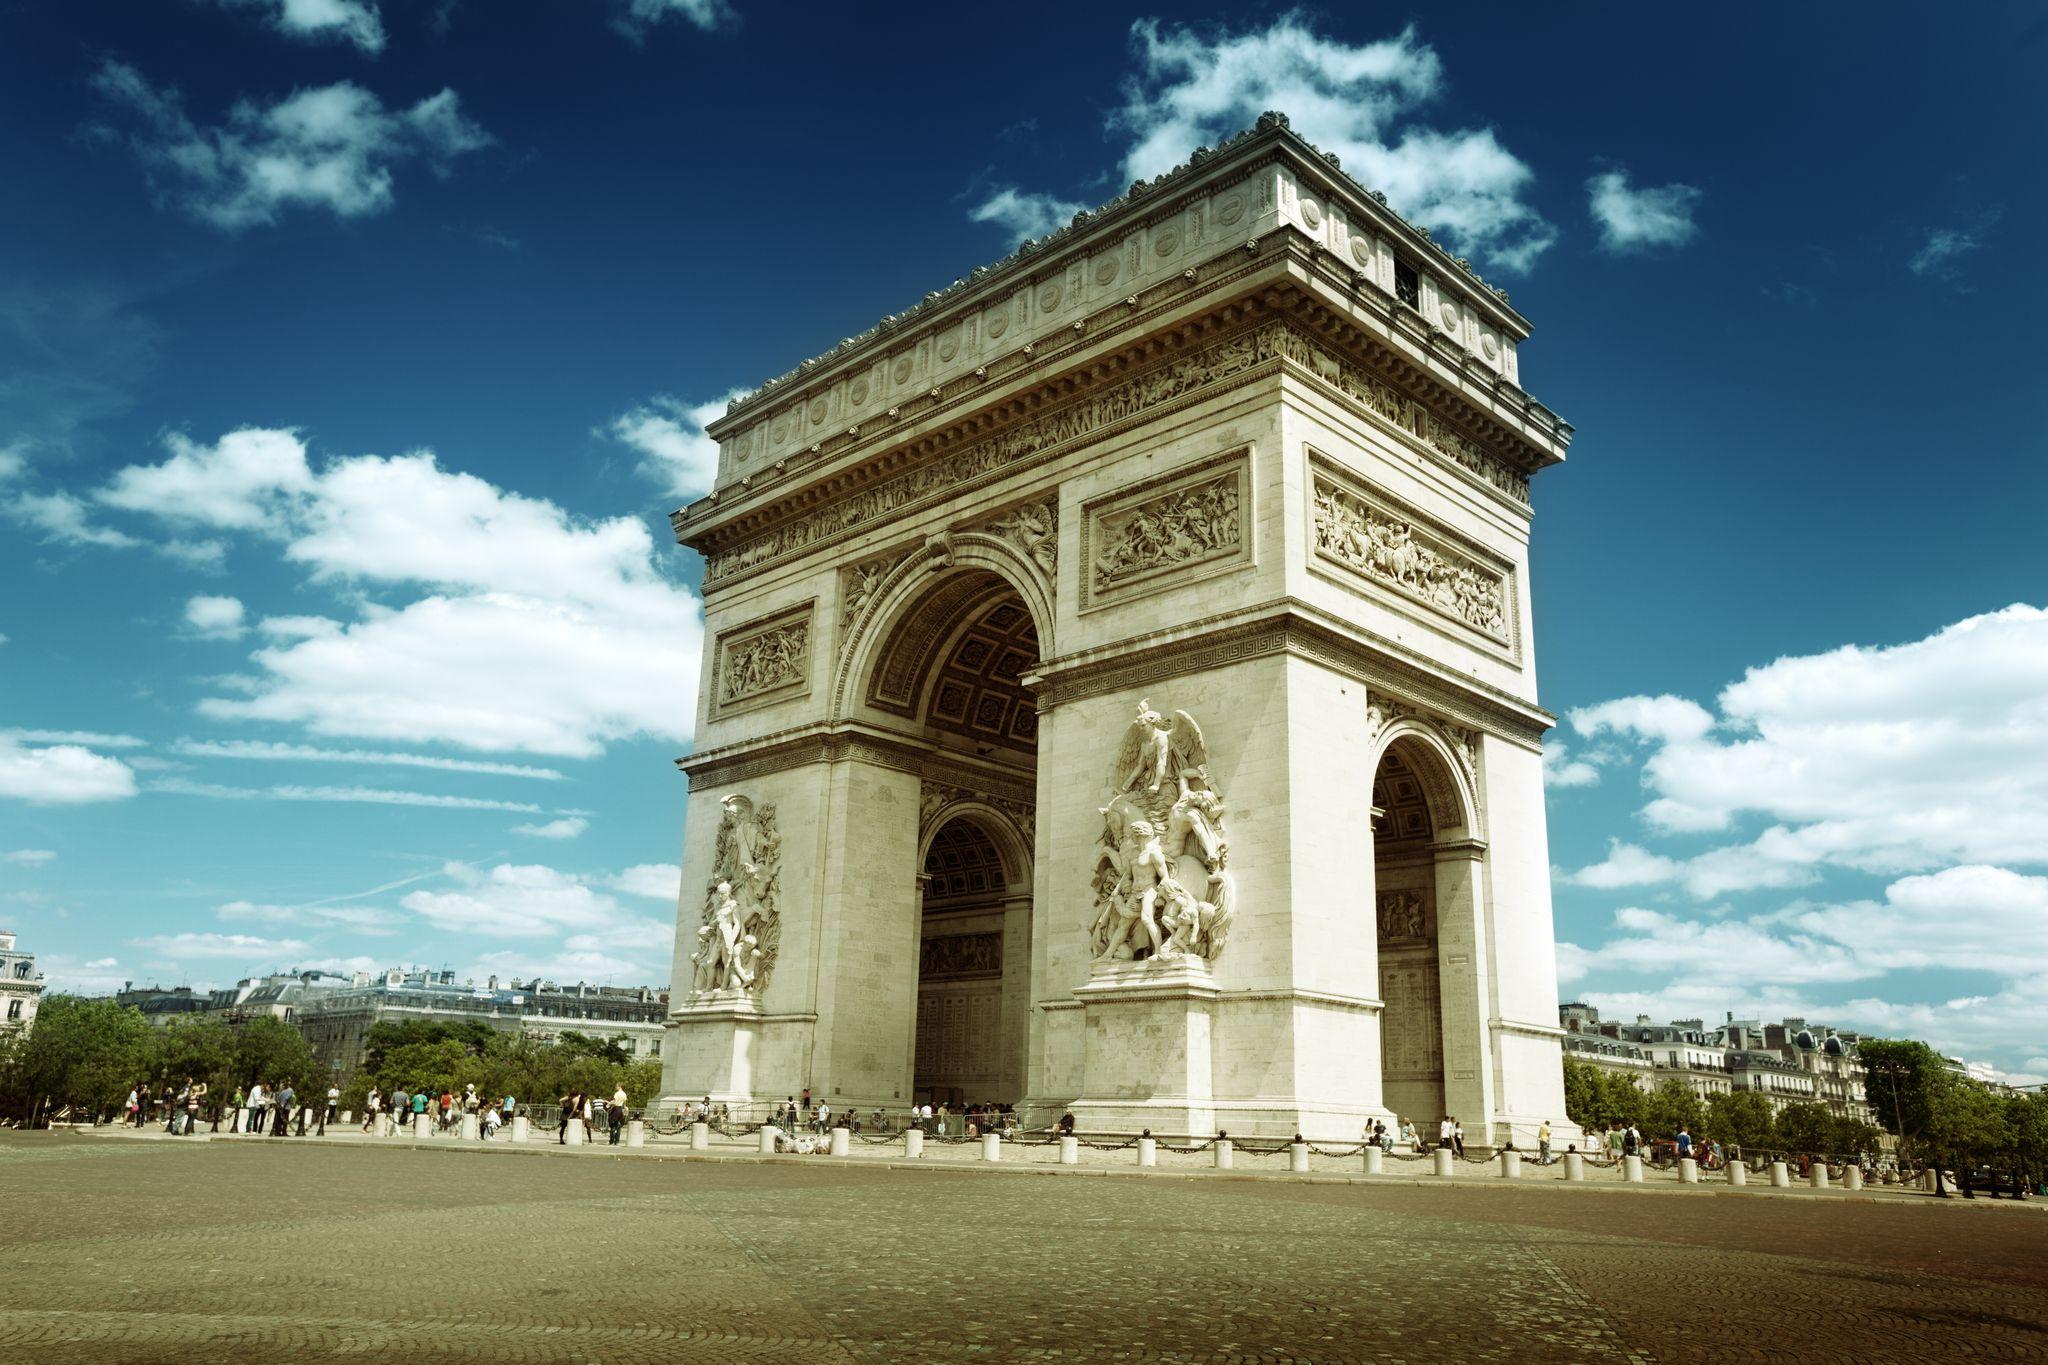 Αψίδα του Θριάμβου (Arc de Triomphe) - Παρίσι | TopTraveller